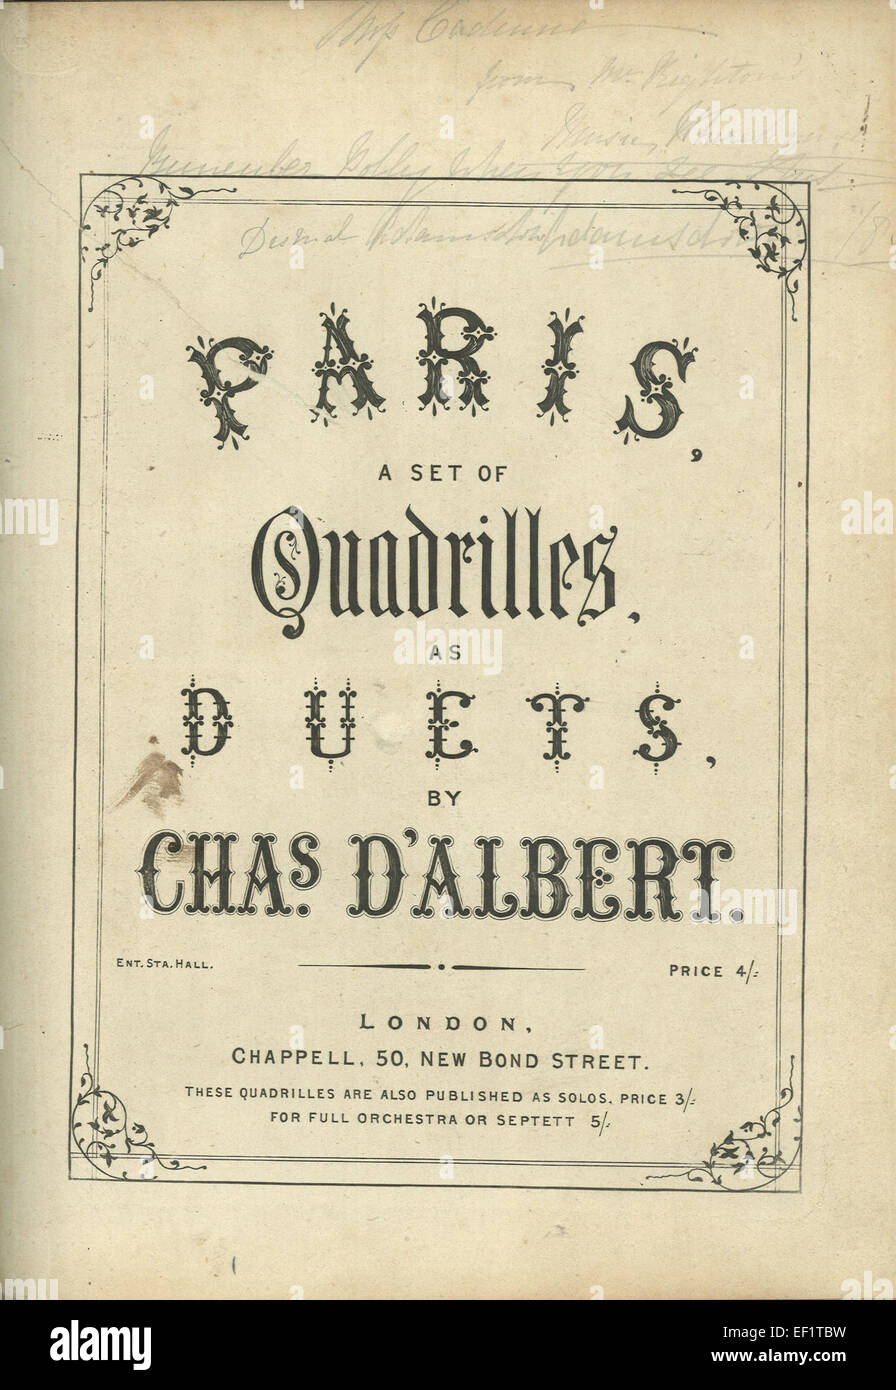 Paris a set of quadrilles as duets 157 - Stock Image